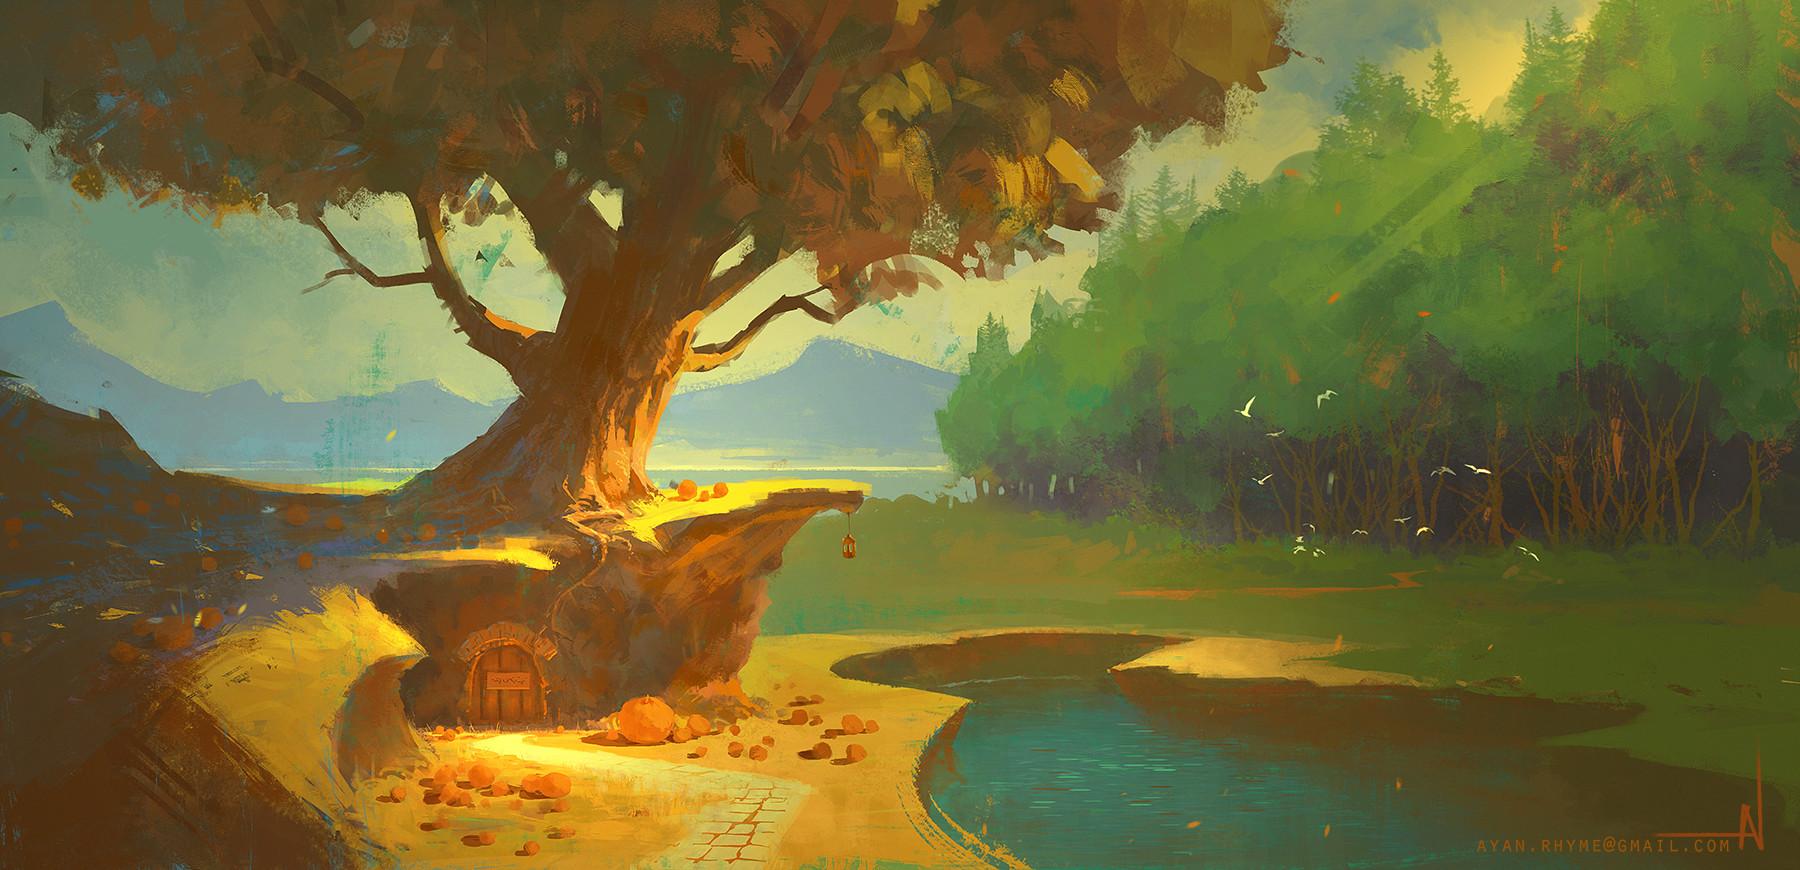 Ayan nag tree house by ayan nag